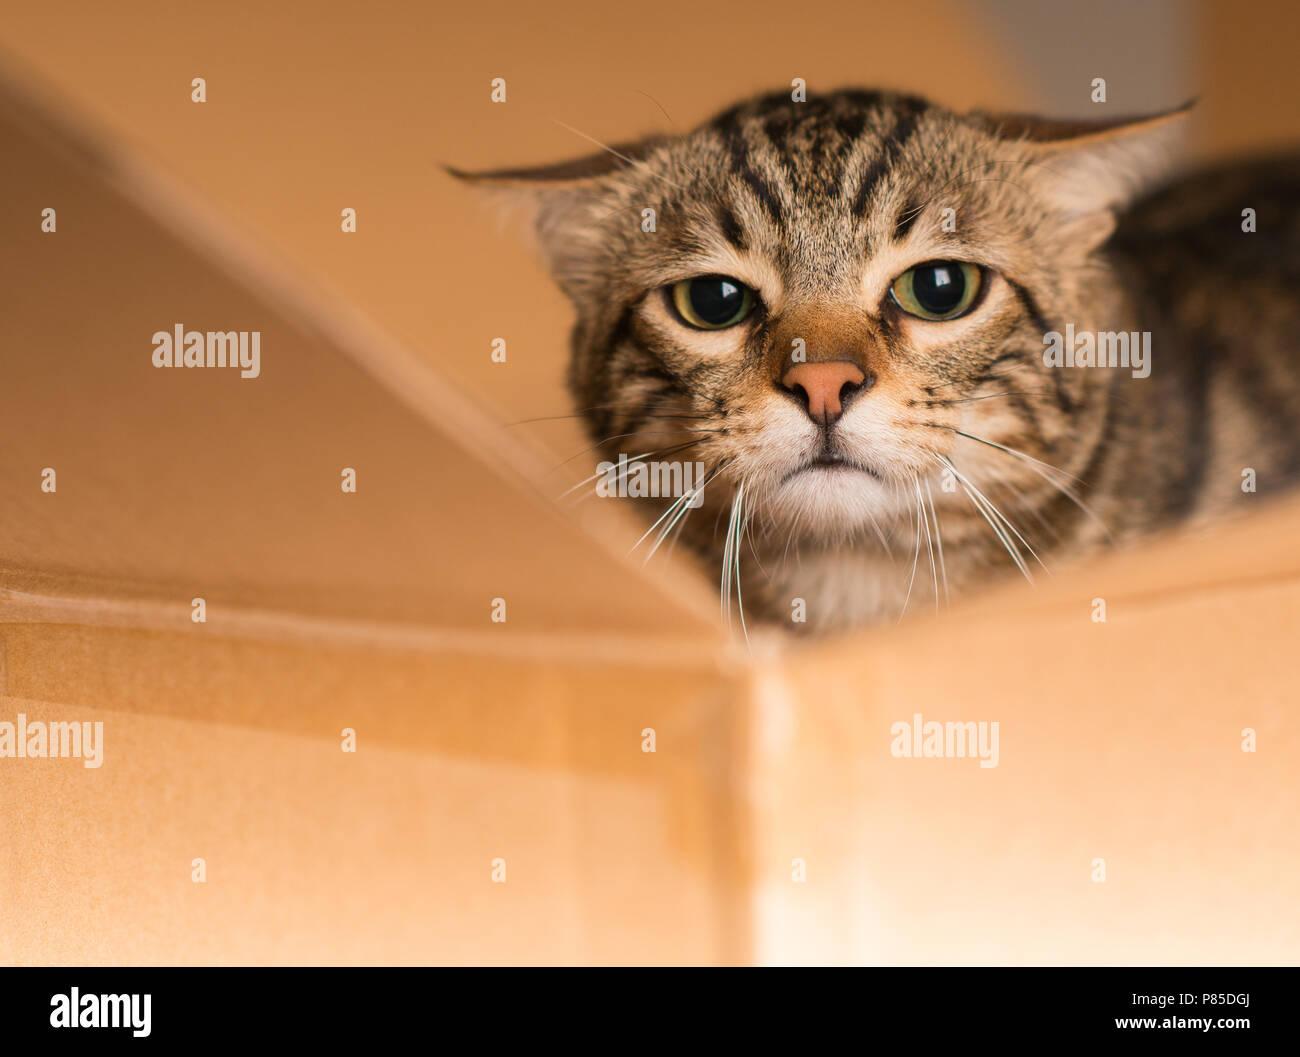 Schöne Katze Versteck spielen und in einem Karton suchen Stockbild